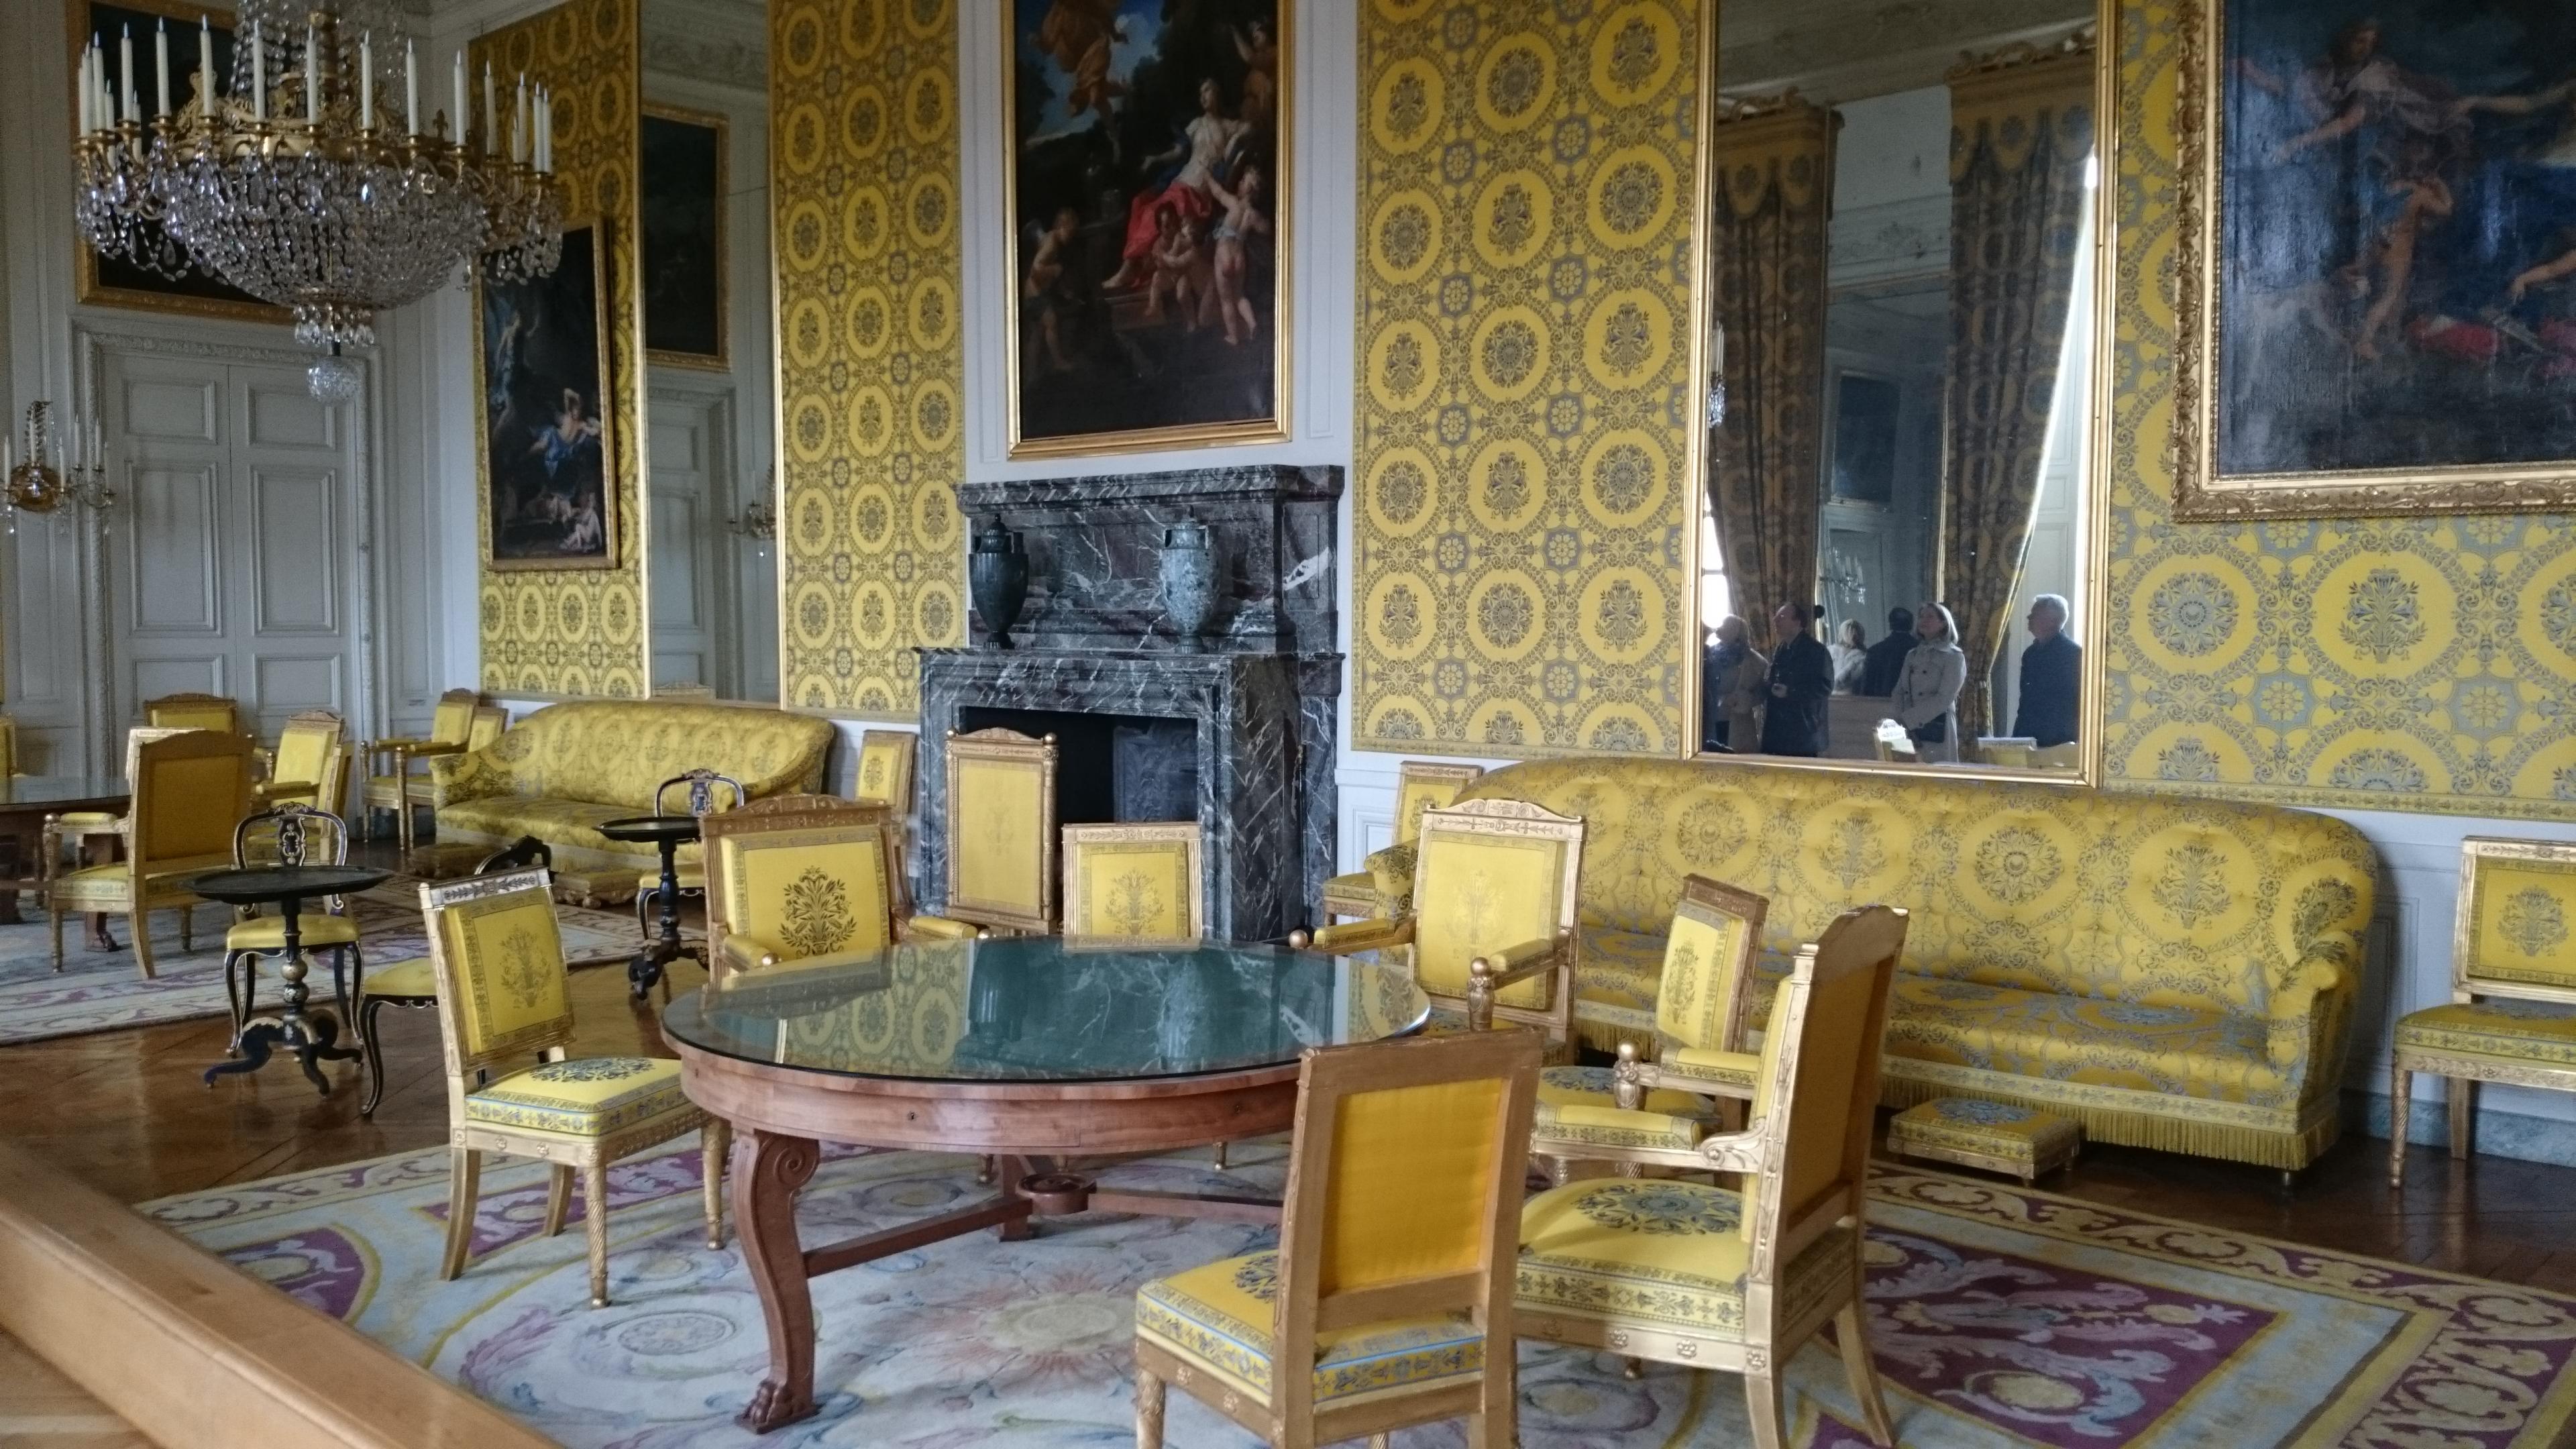 dsc 1219 - Visita al Palacio de Versalles: Como ir, cuanto cuesta y tips II/III